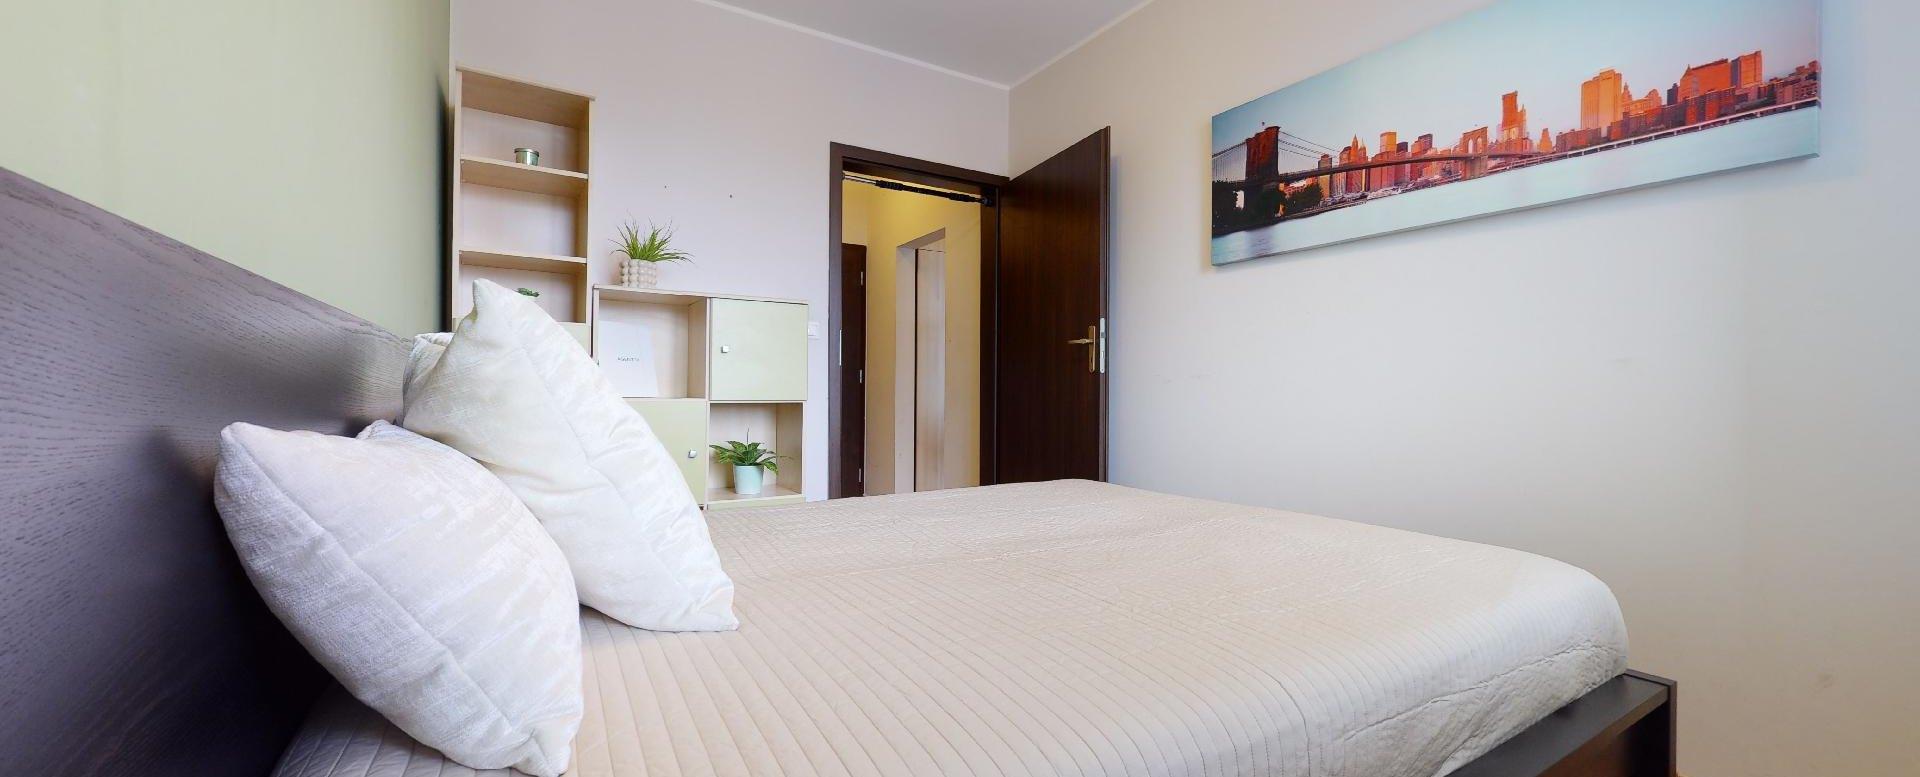 Manželská posteľ v 2-izbovom byte vo Vlčom hrdle